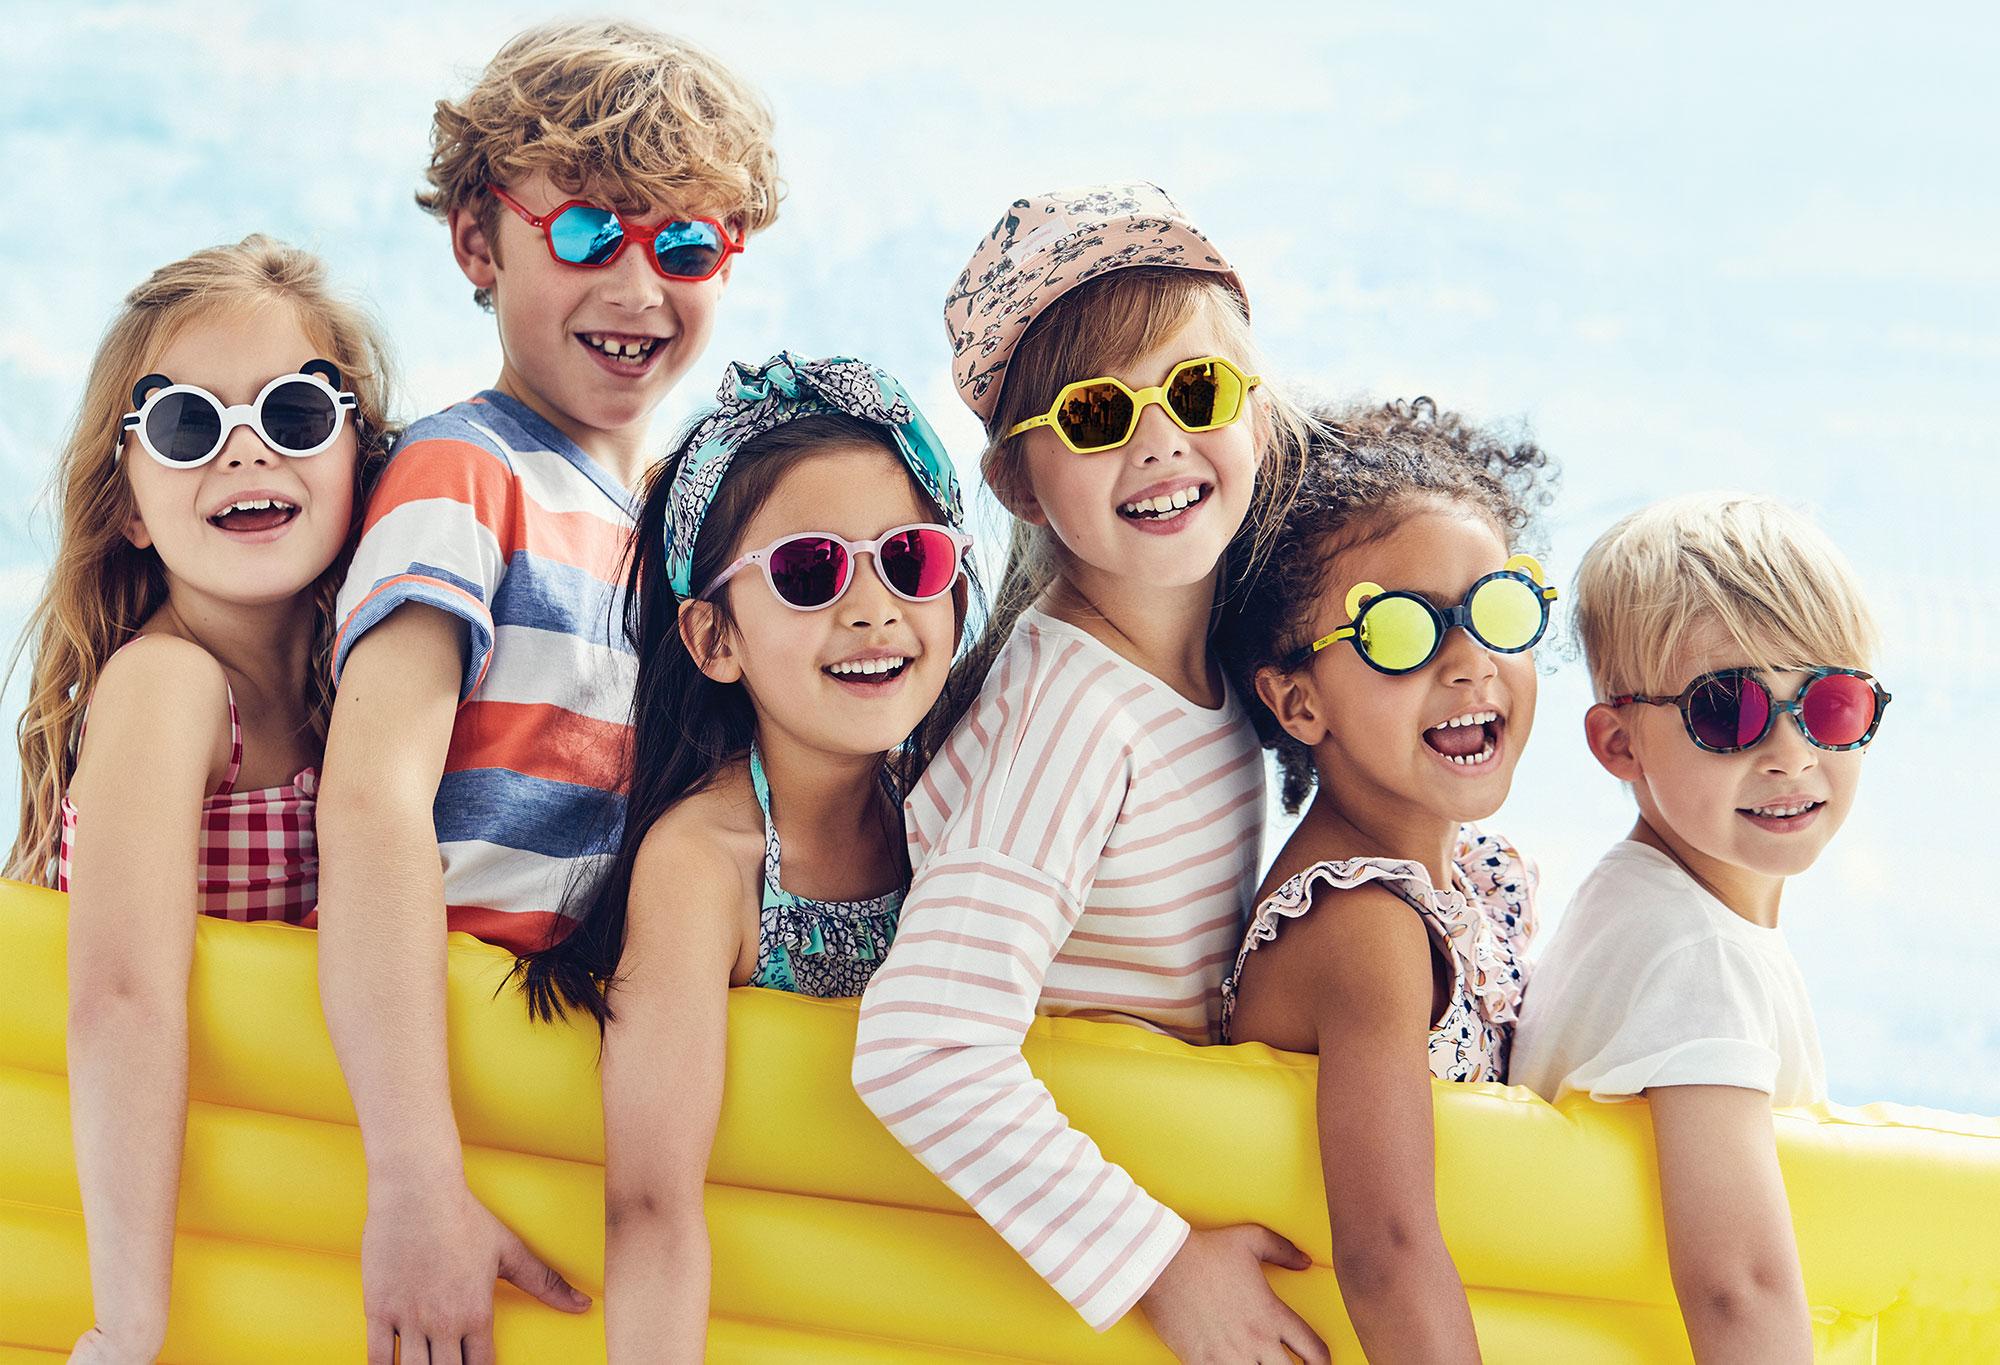 """Sú """"detské slnečné okuliare"""" iba módou alebo deti naozaj potrebujúslnečné okuliare?"""